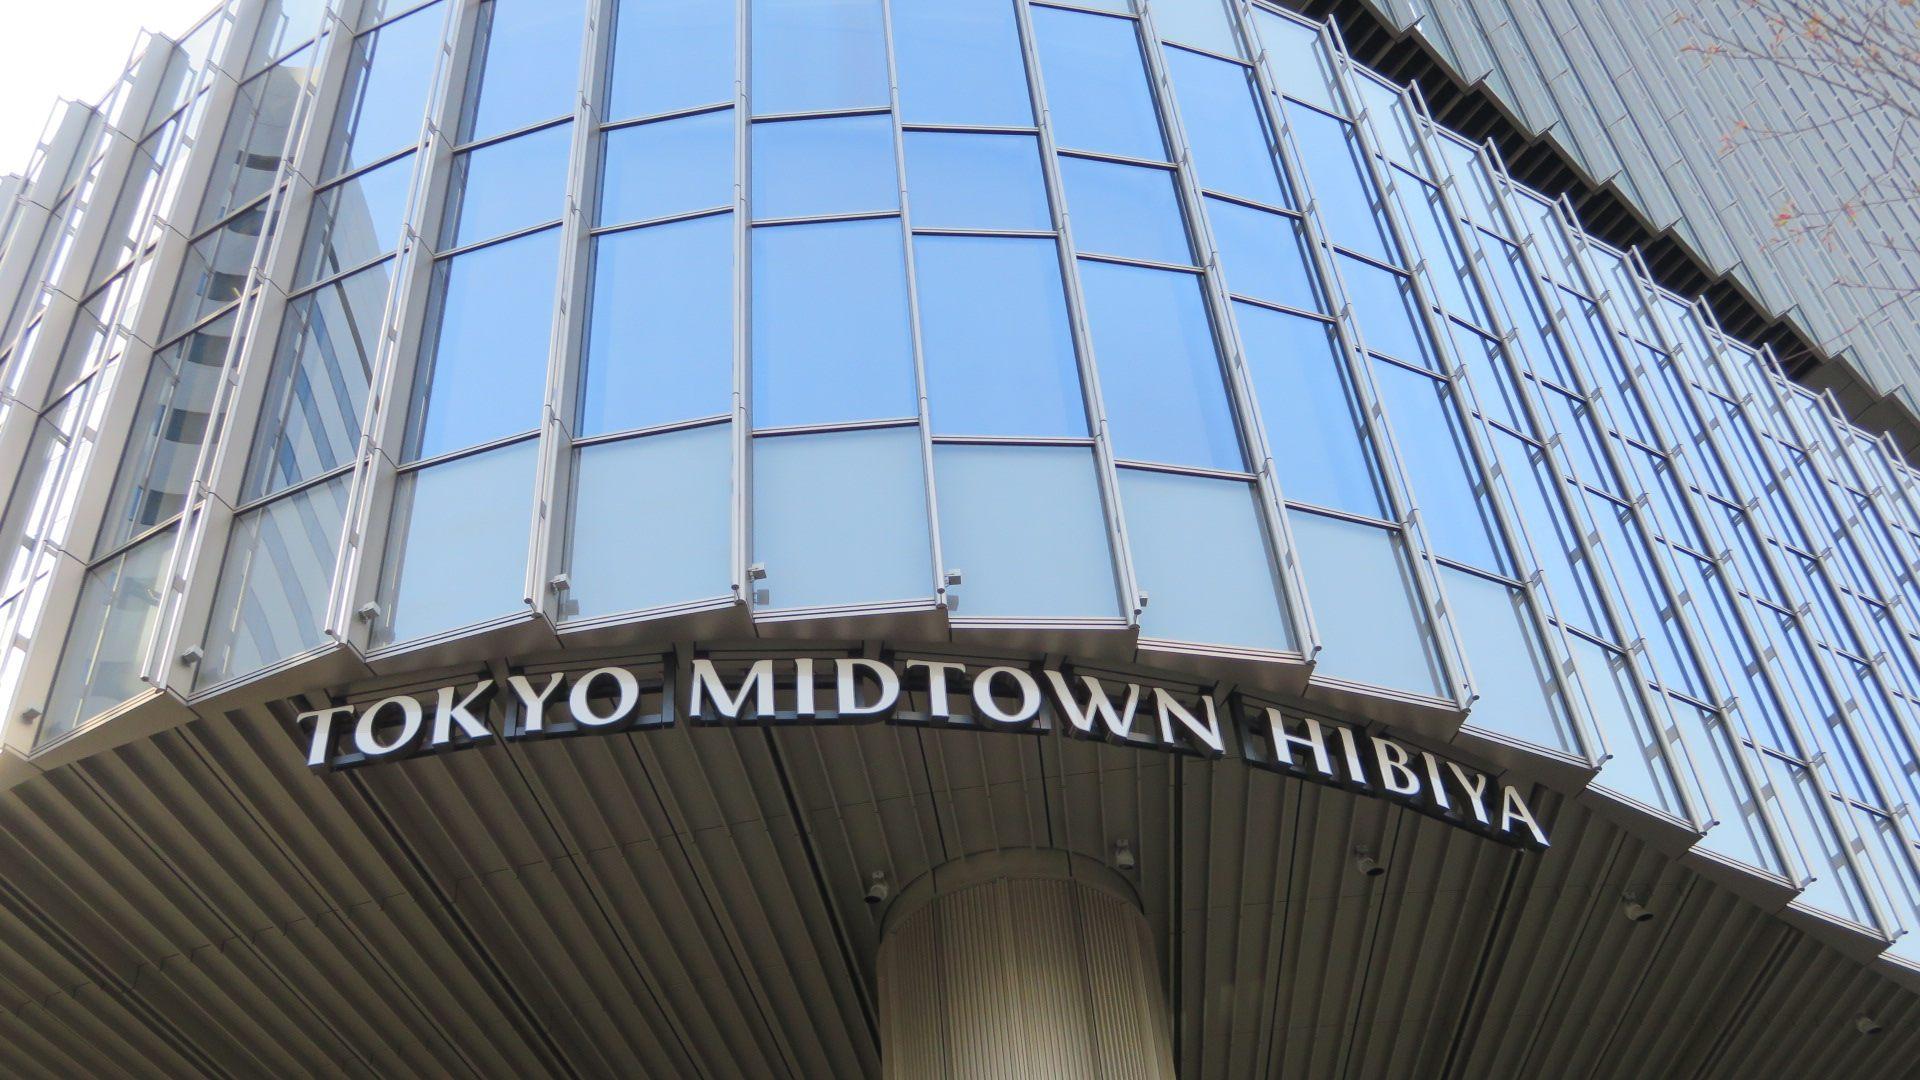 「東京MIDTOWN日比谷」